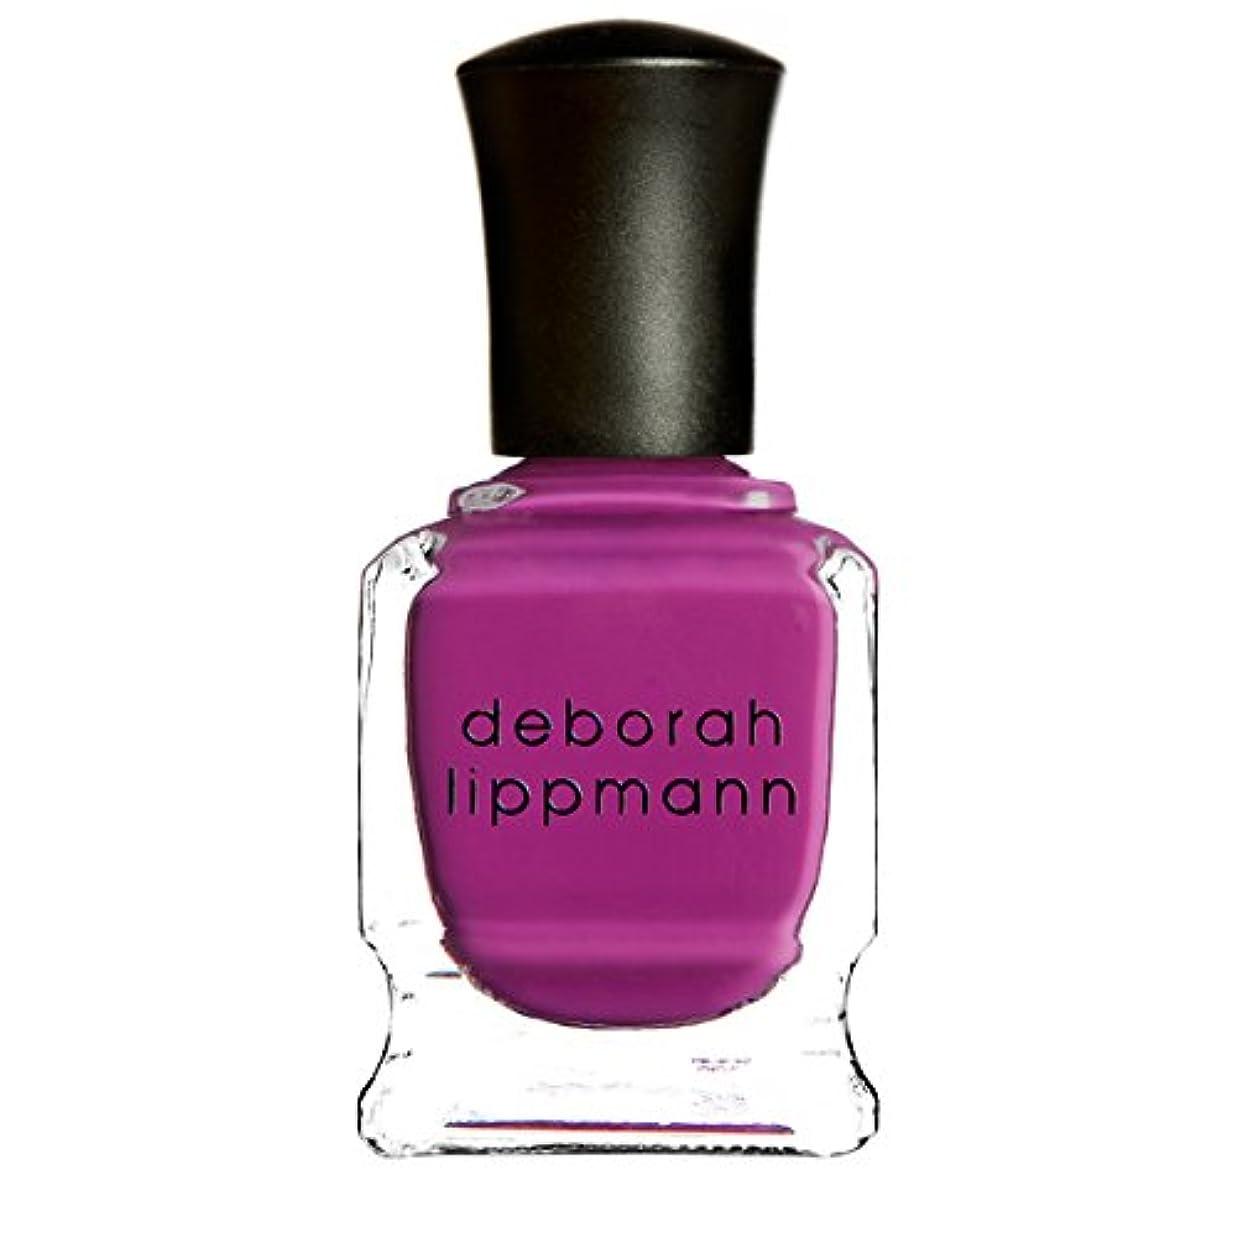 束世界に死んだ任命する[Deborah Lippmann] デボラリップマン ポリッシュ ピンク系 15mL (ビトゥイーン ザ シーツ)